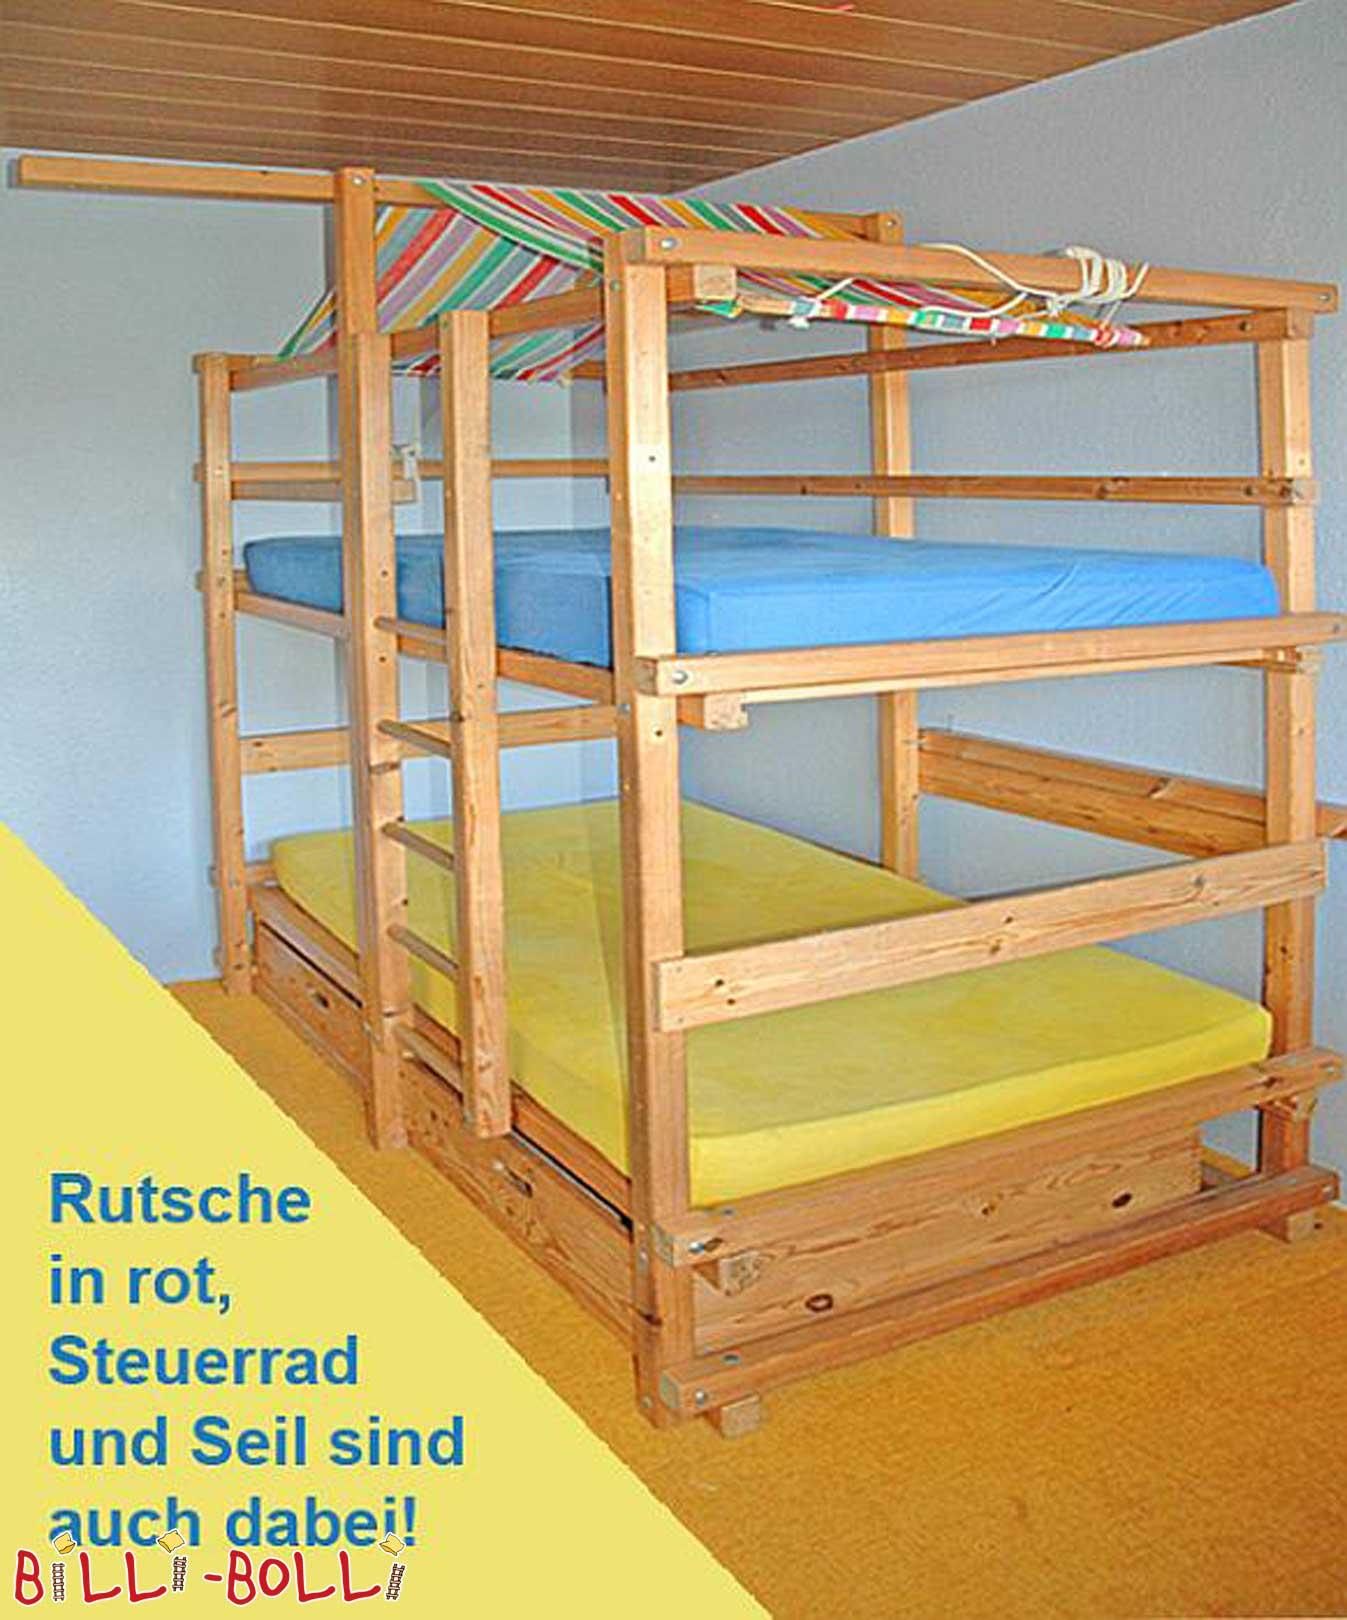 gullibo abenteuerbett mit rutsche abenteuerbett gebraucht. Black Bedroom Furniture Sets. Home Design Ideas